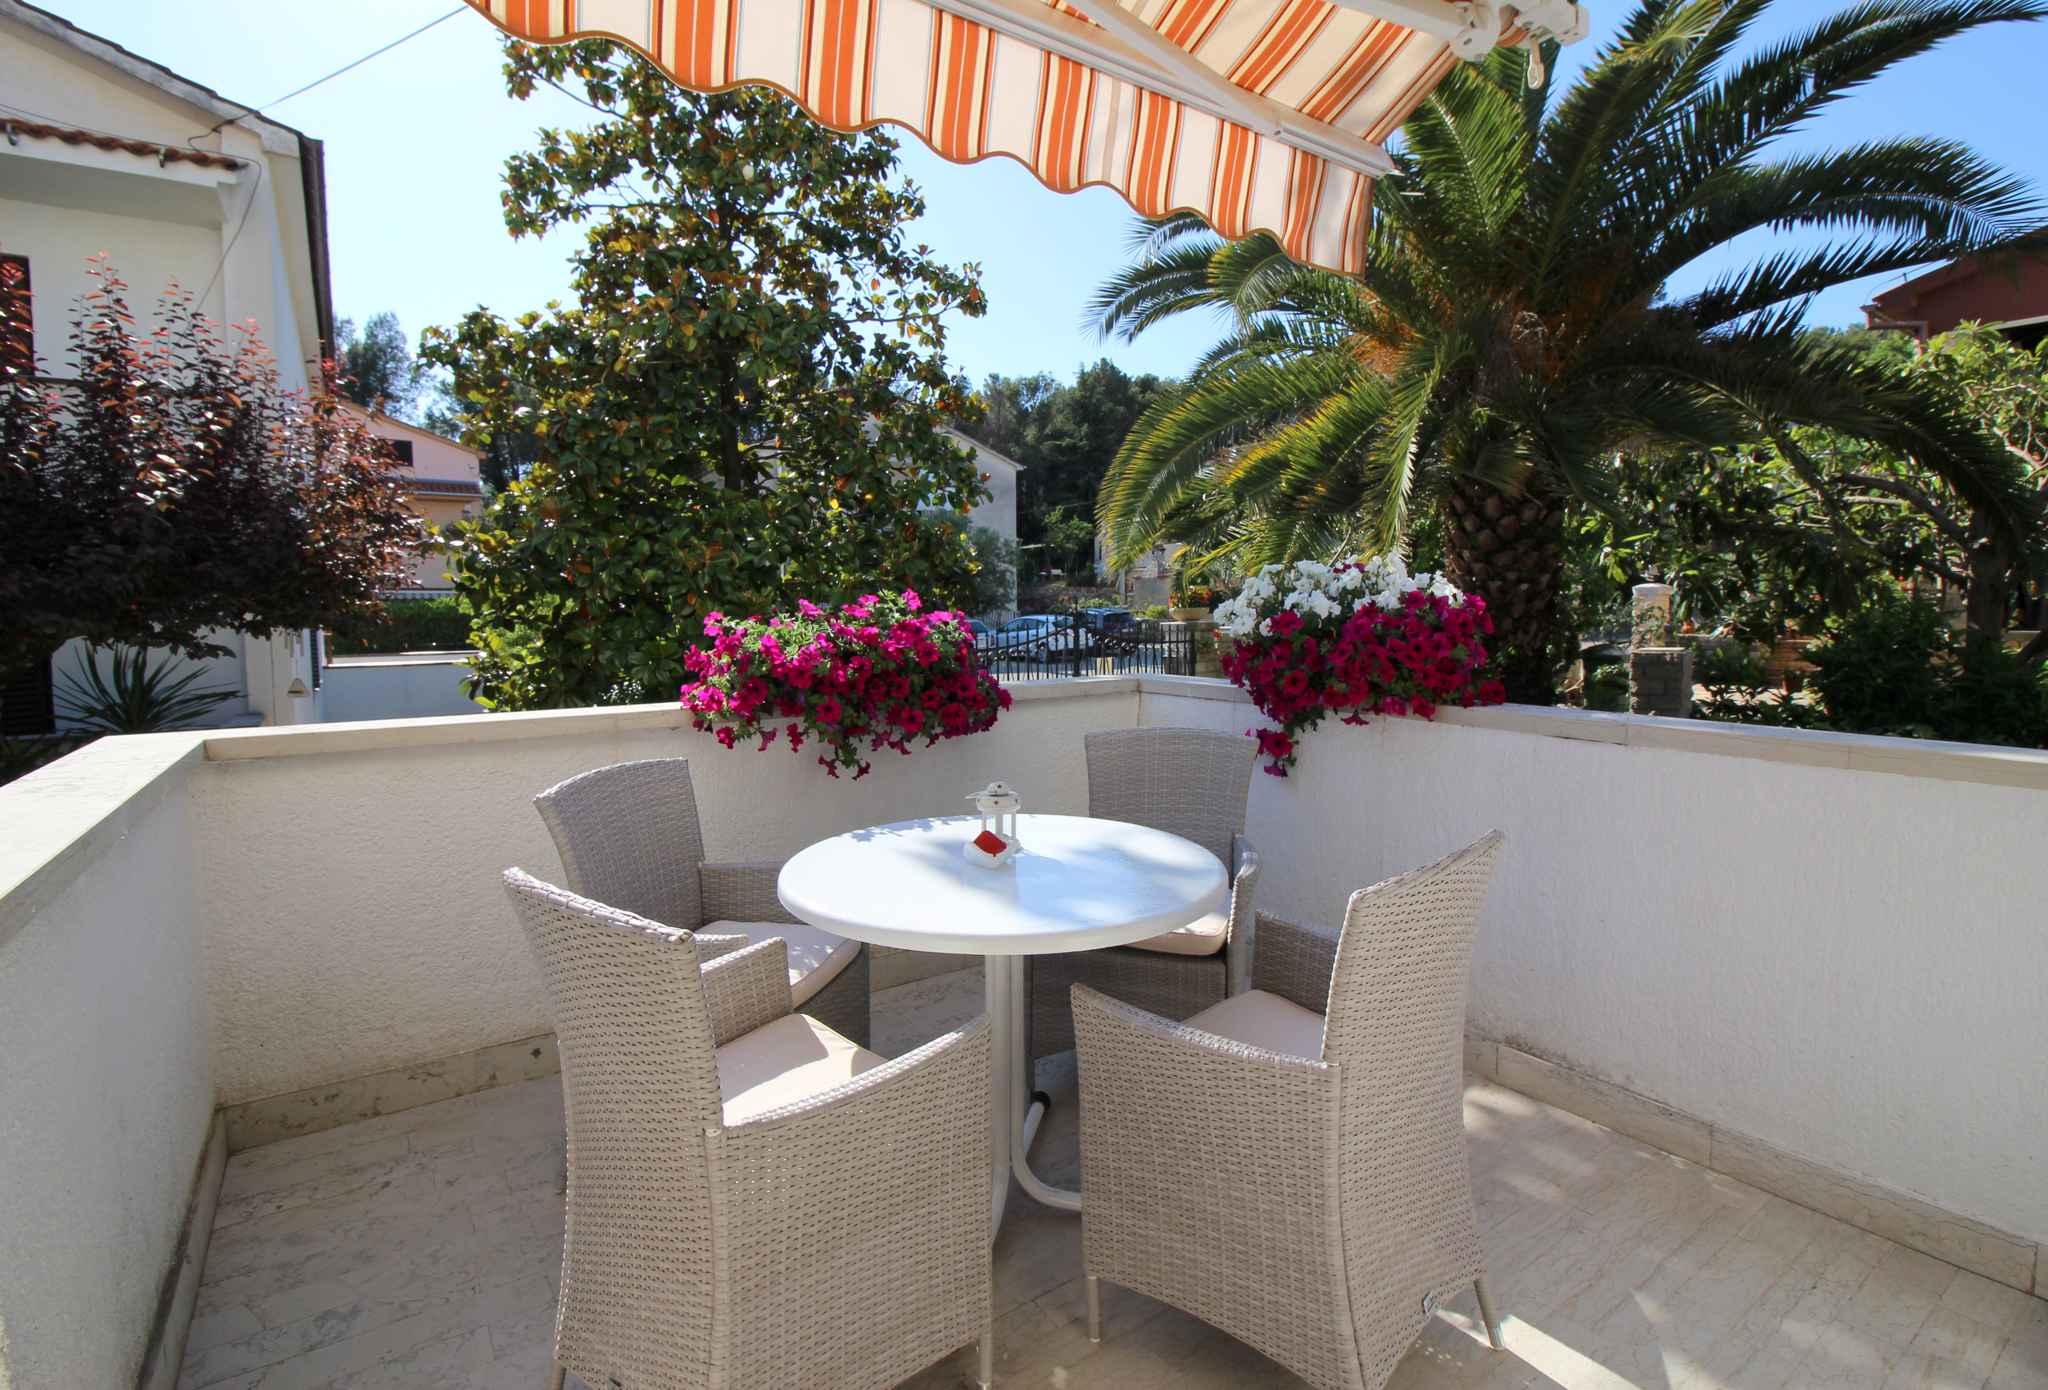 Ferienwohnung mit schönem Garten und Grill (280320), Porec, , Istrien, Kroatien, Bild 8